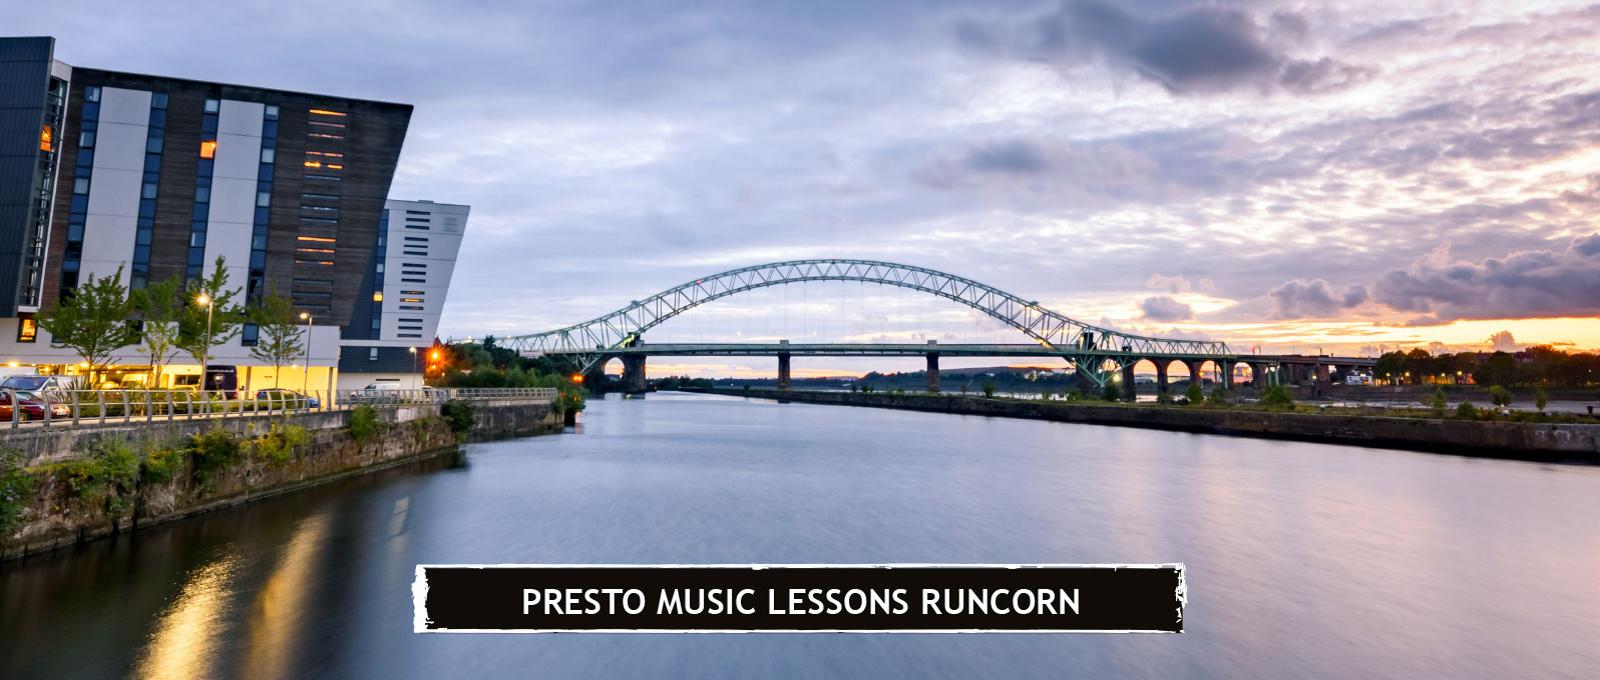 Presto Music Lessons Runcorn